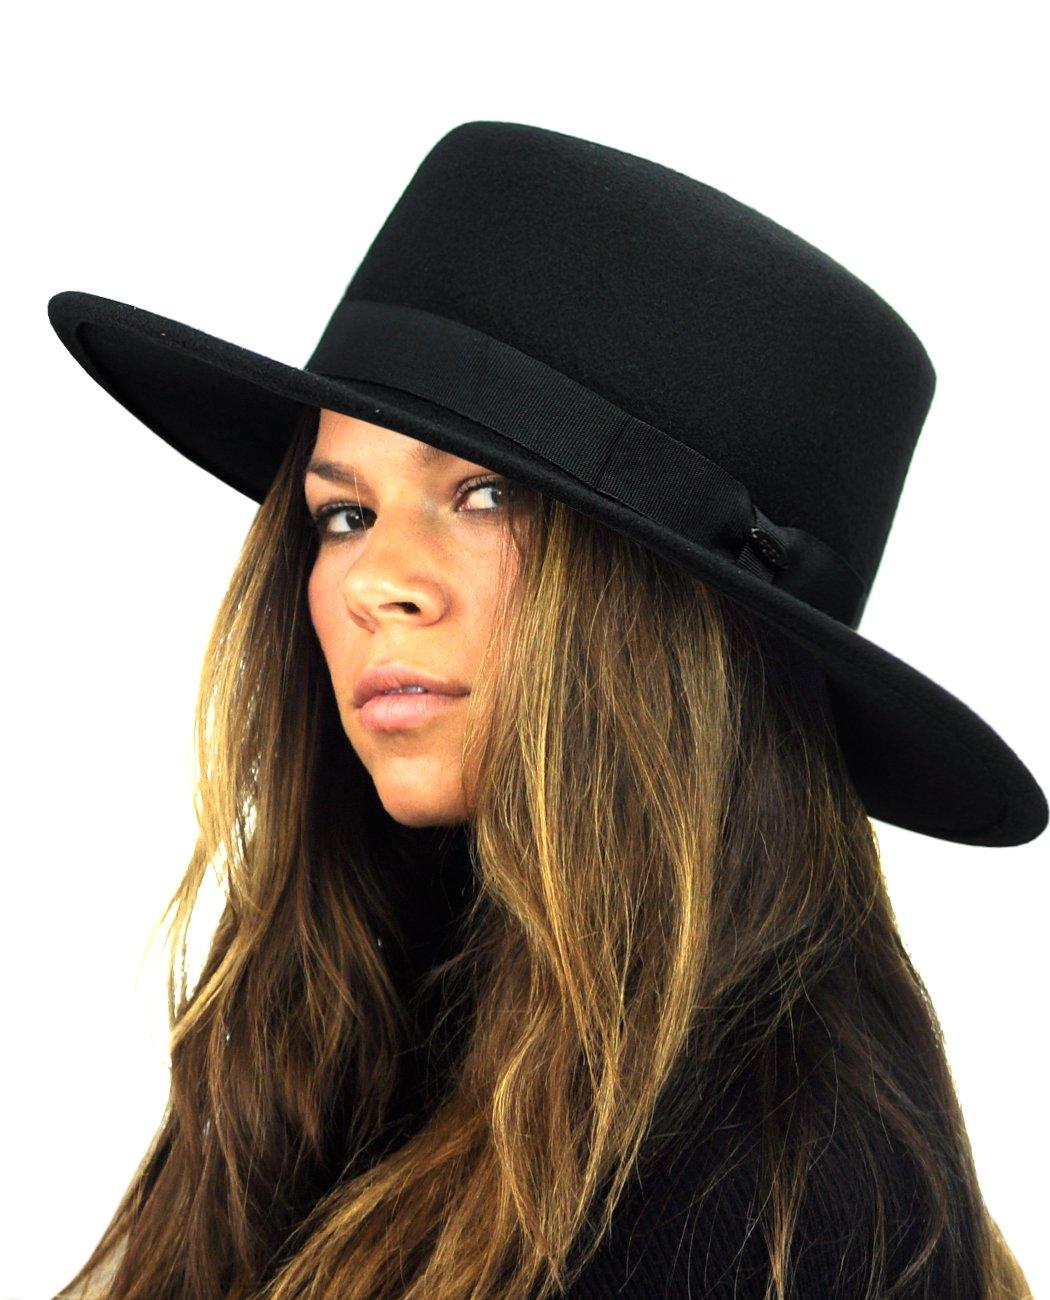 NYFASHION101 Wool Wide Brim Porkpie Fedora Hat w/Simple Band Accent - Black by NYFASHION101